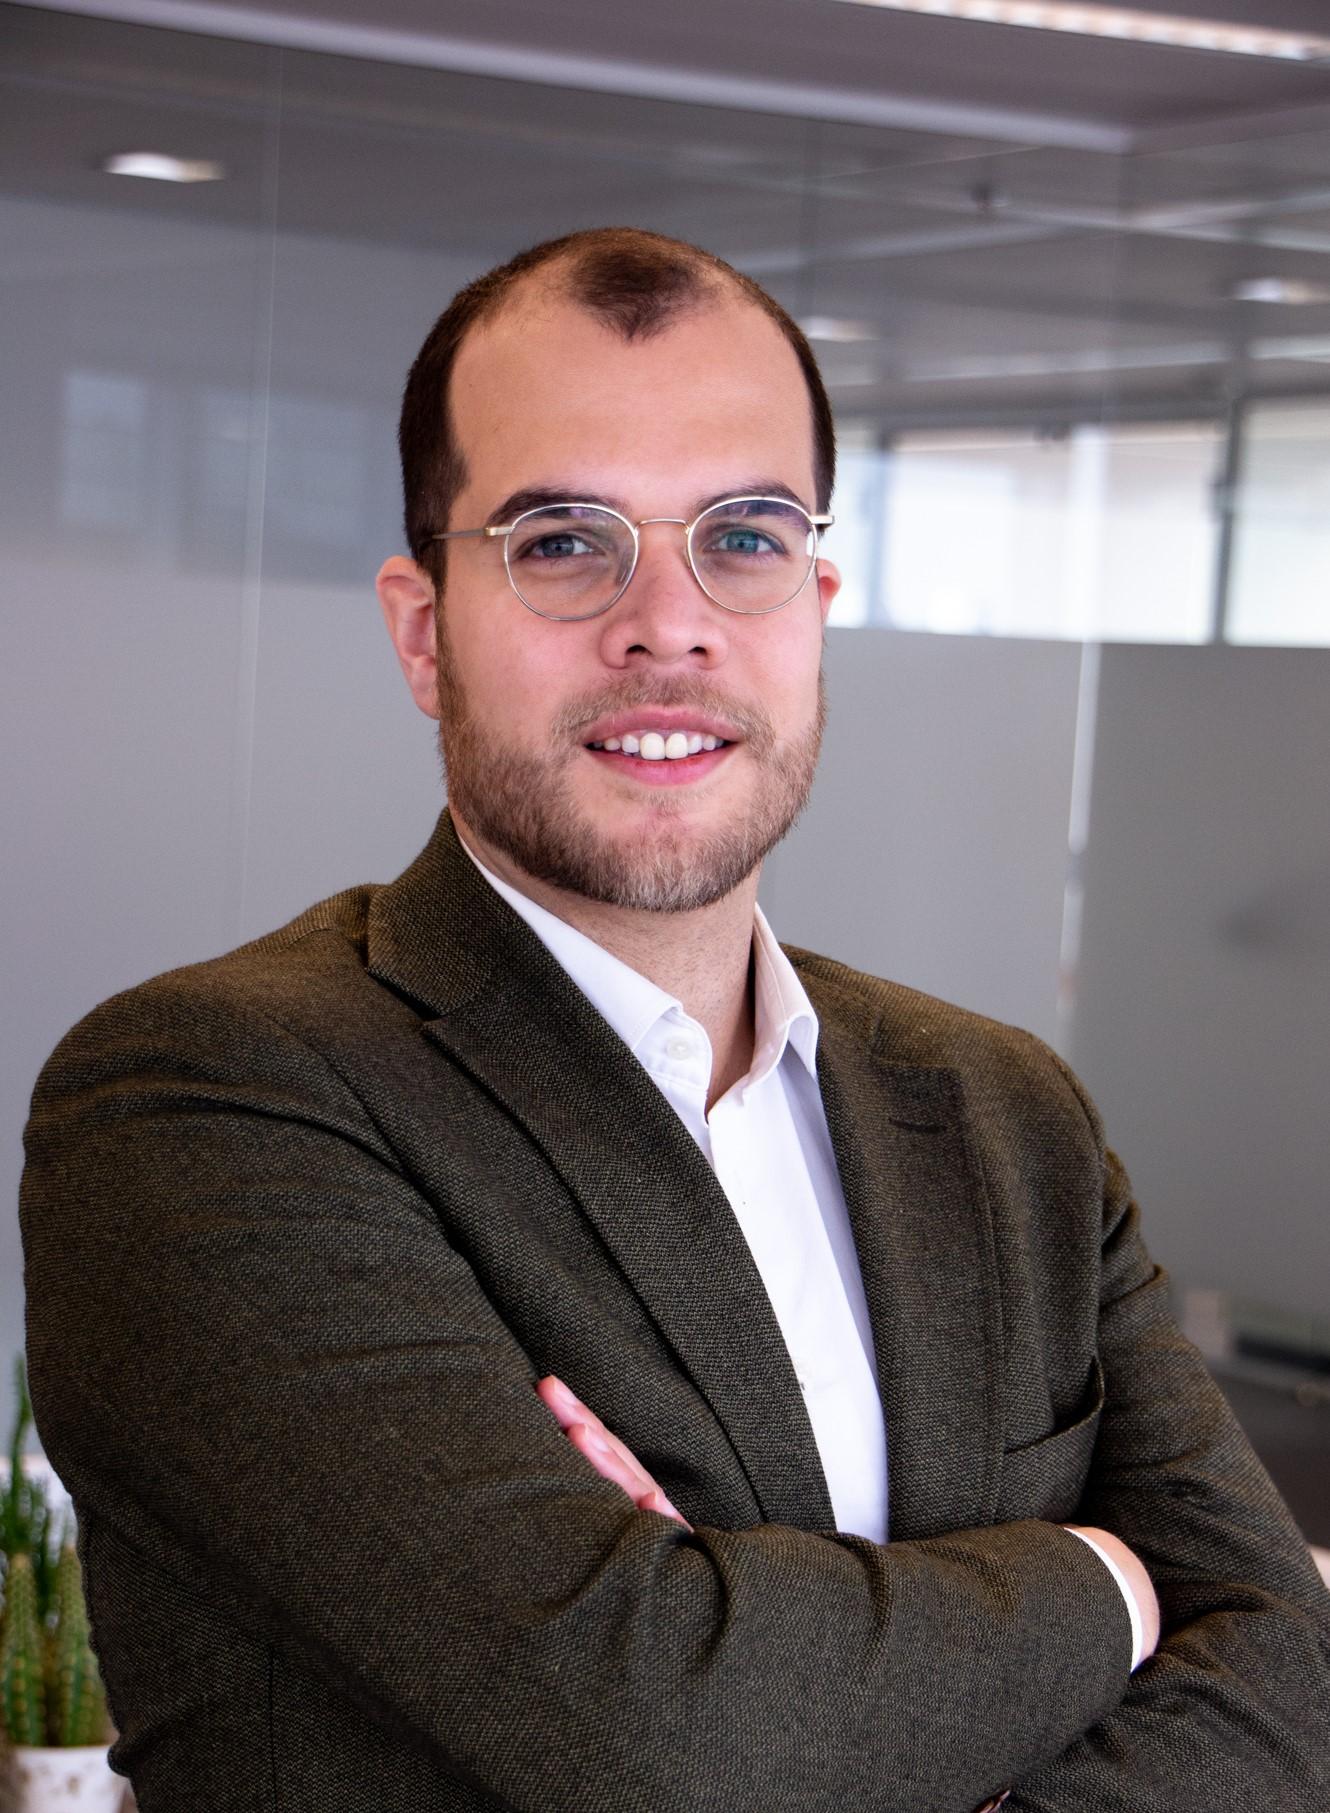 Fabian van den Berg - VSTEP CEO